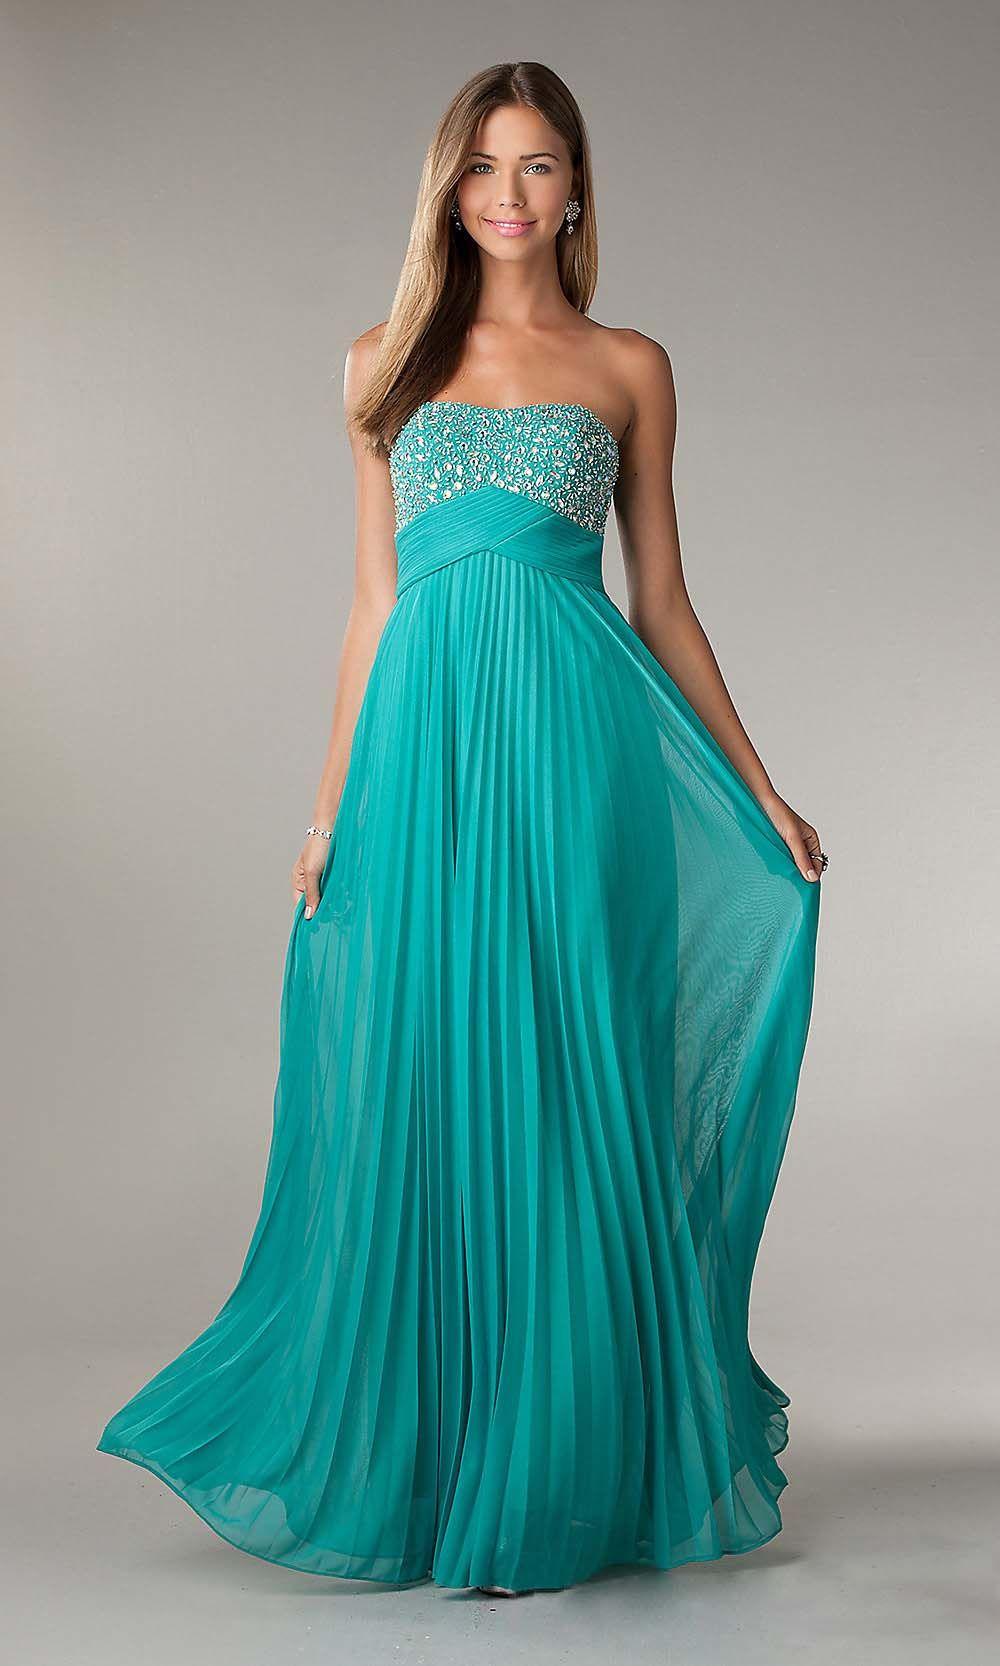 blue prom dress, strapless prom dress, long prom dress, chiffon ...